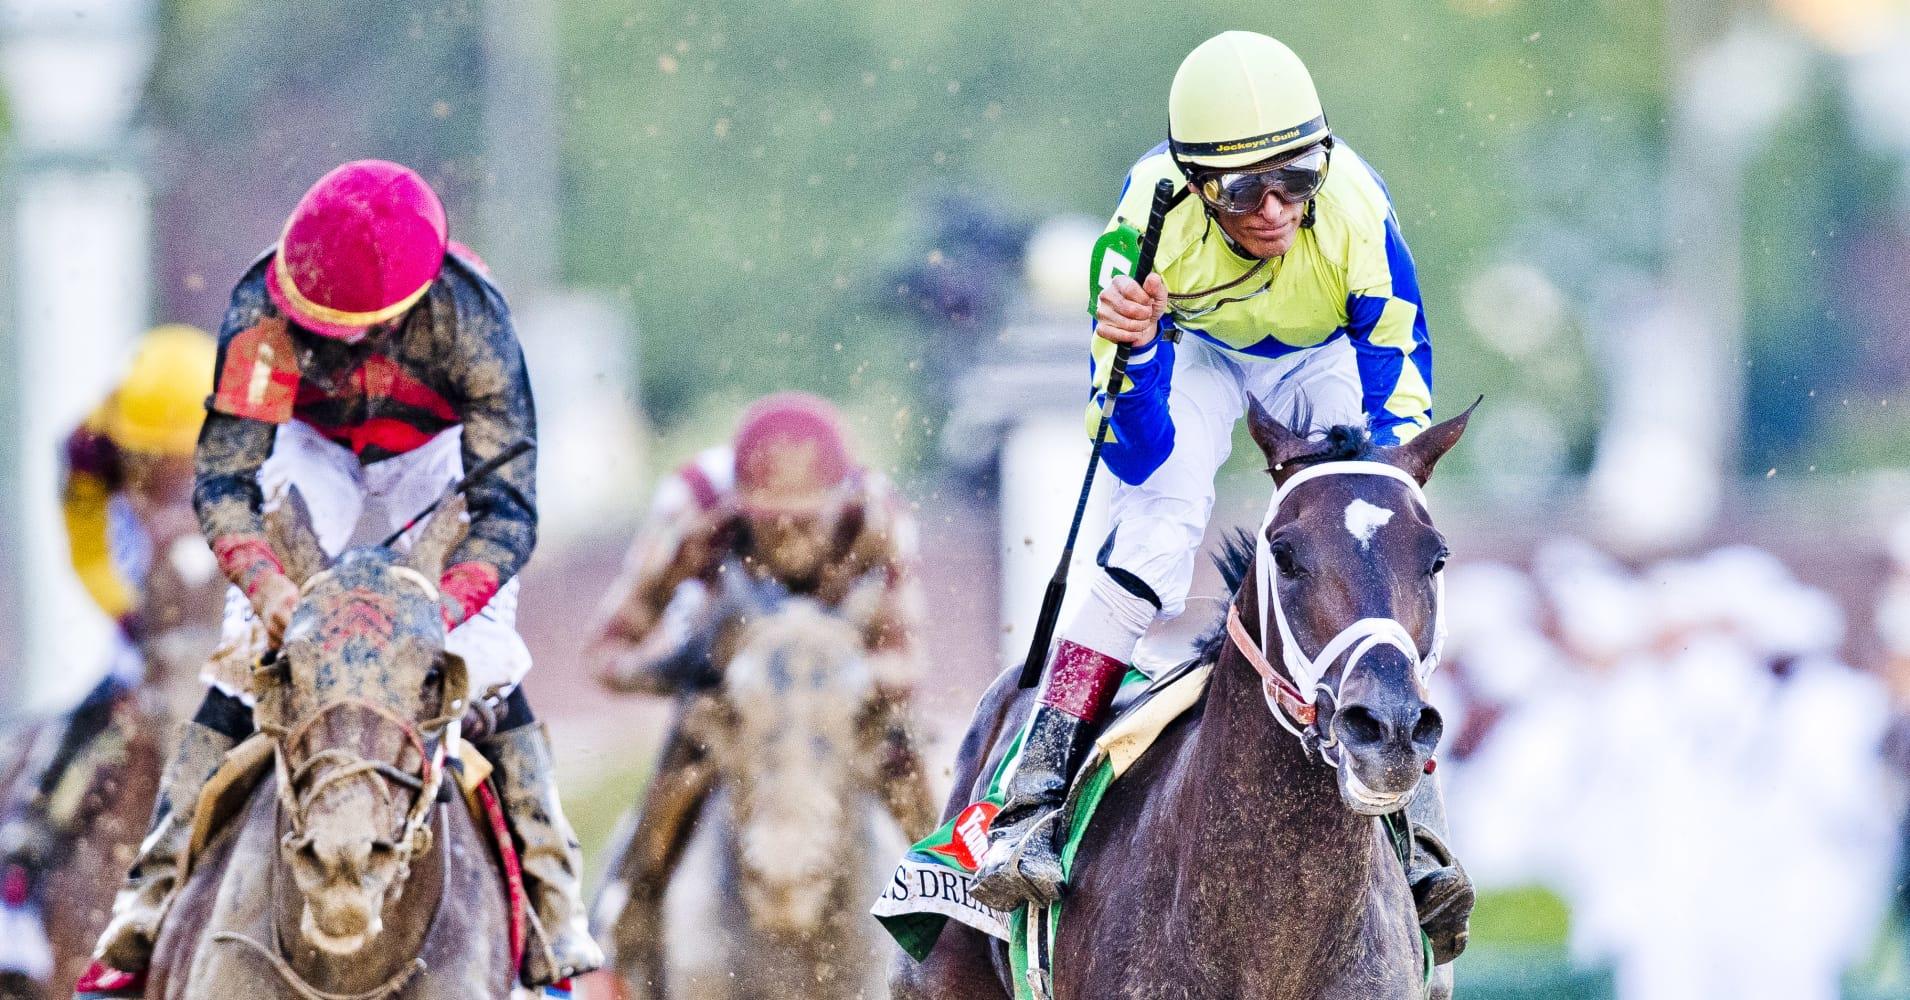 Always Dreaming, ridden by John Velazquez, won the 2017 Kentucky Derby